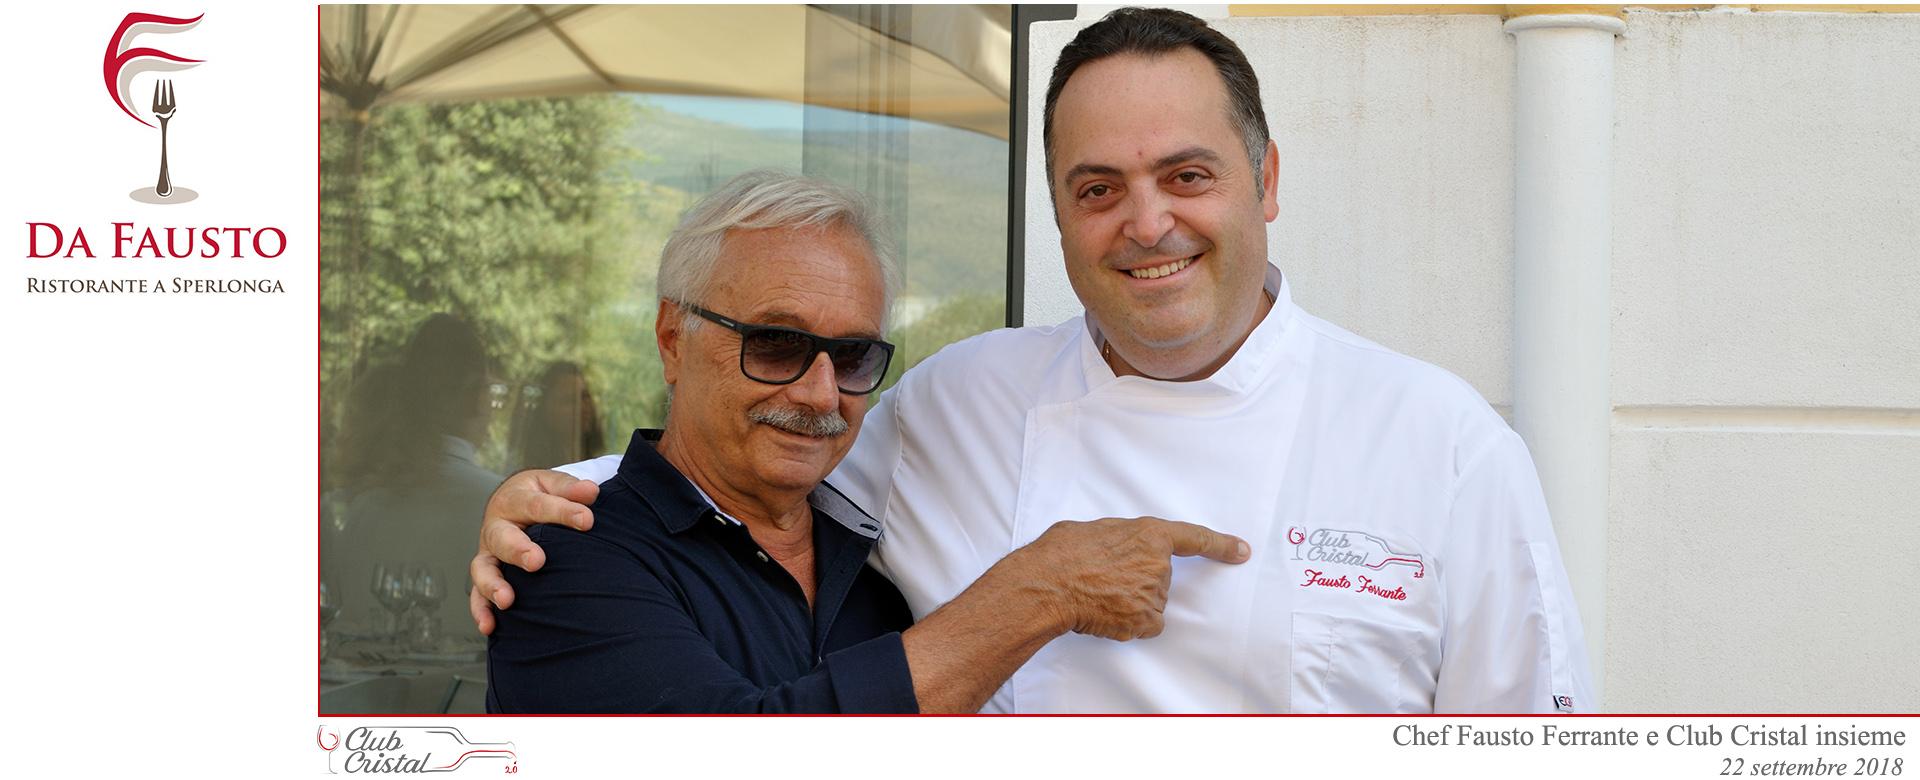 Club Cristal & Fausto Ferrante